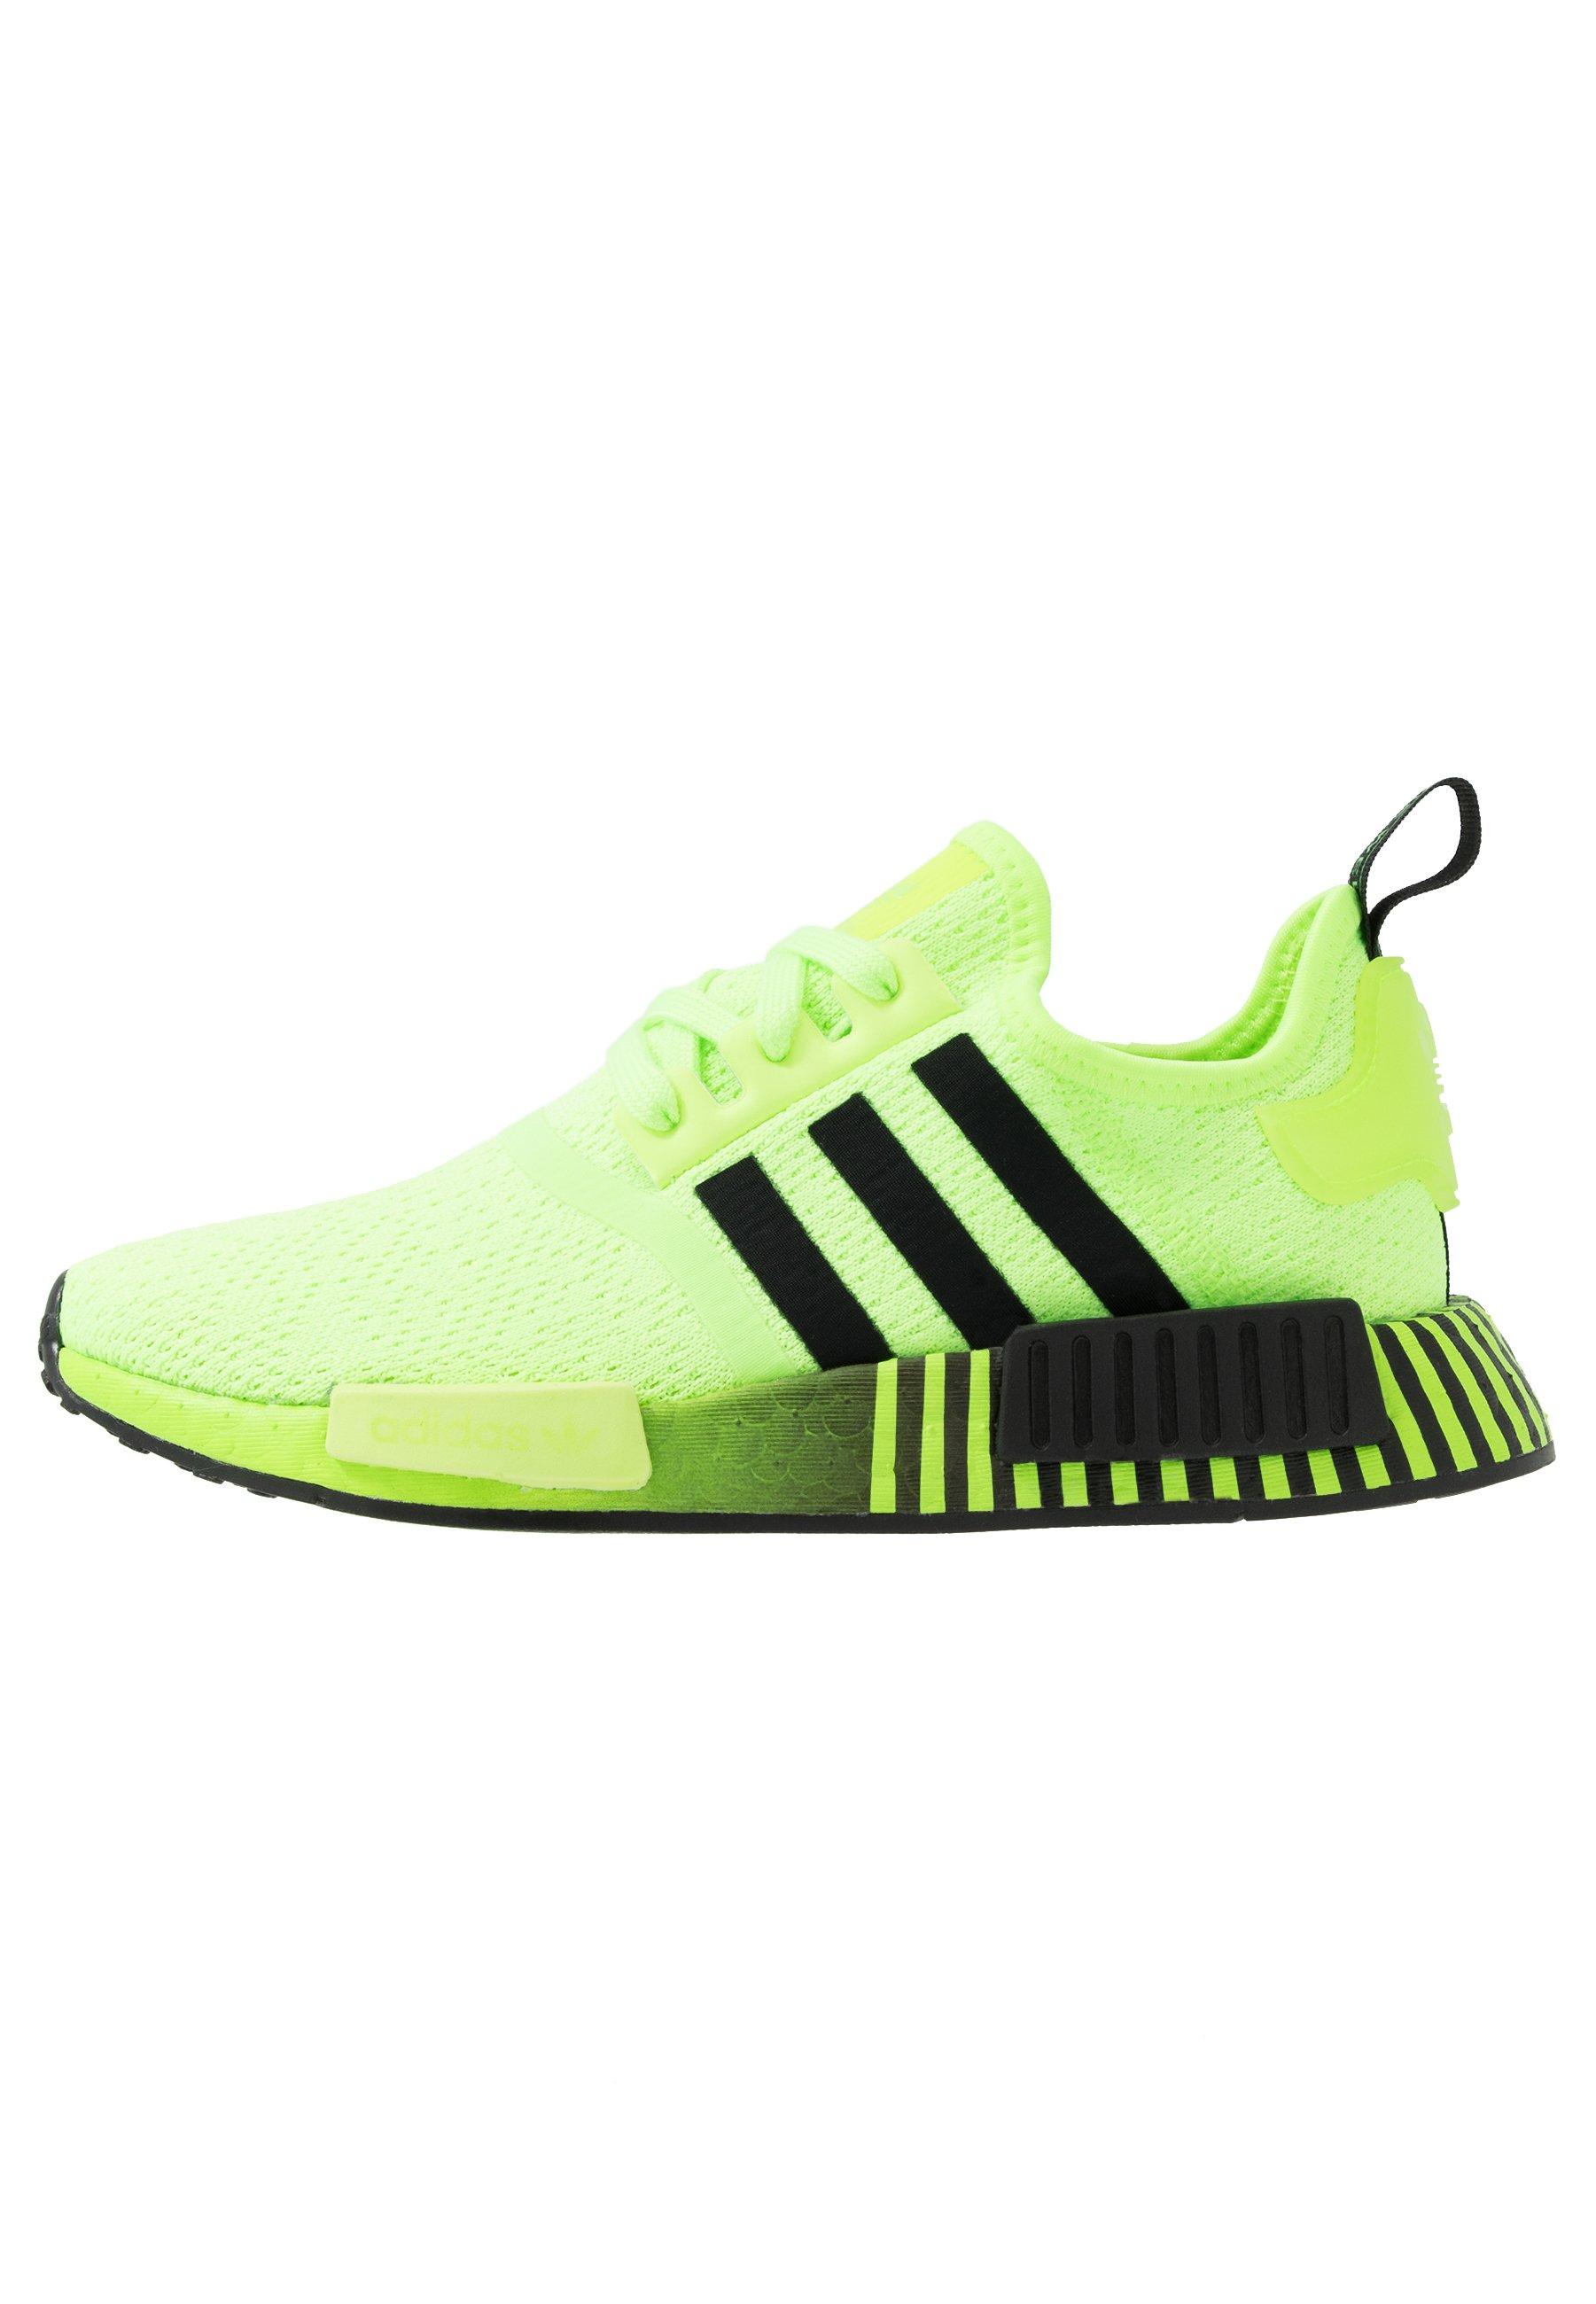 adidas nmd r1 vert